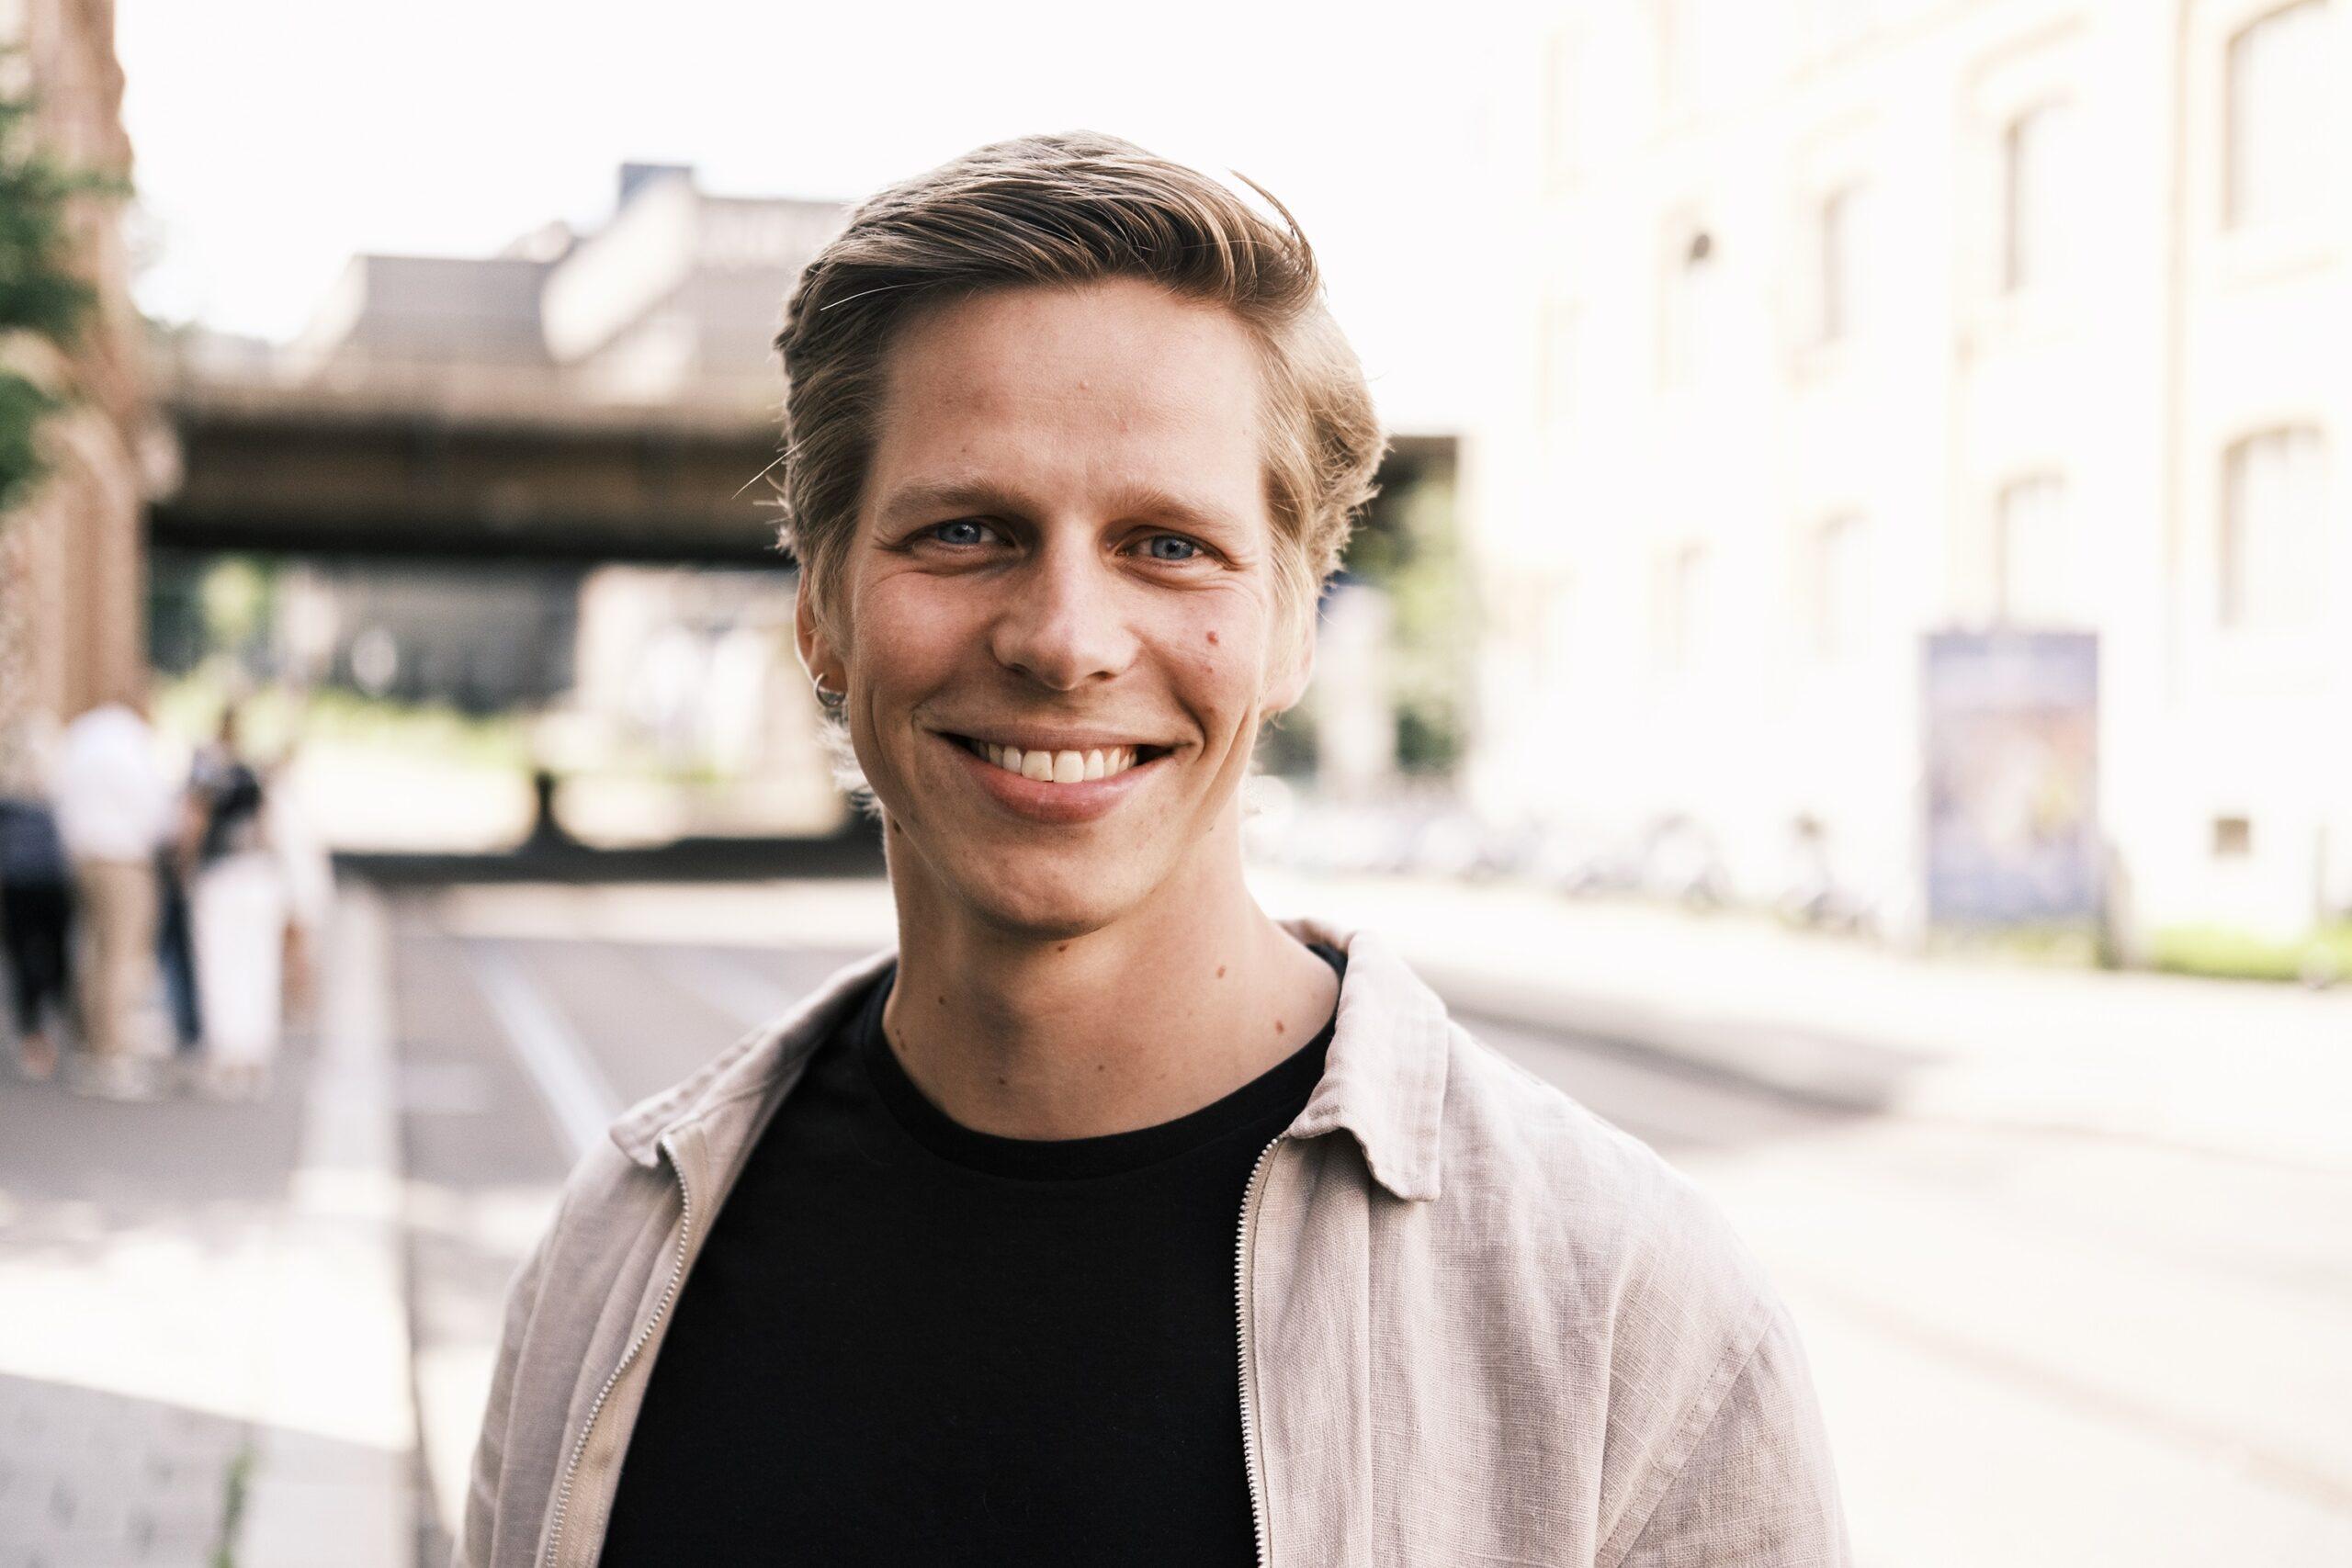 Nærbilde av en gutt som står på gaten og smiler til kamera